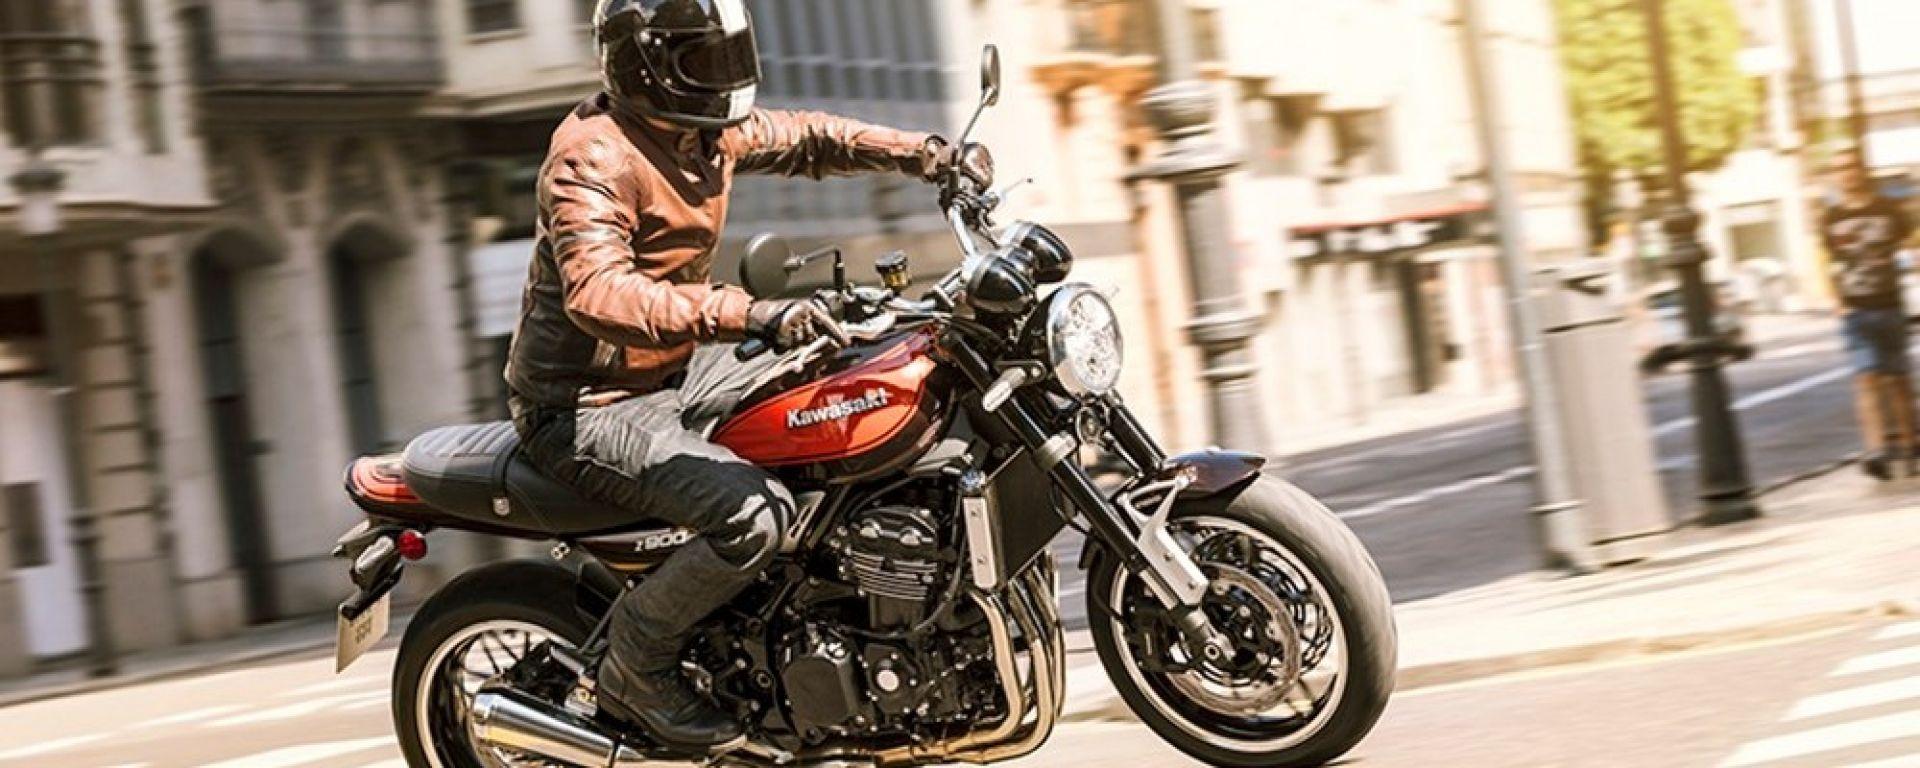 La Kawasaki Z900RS strizza l'occhio alla moda